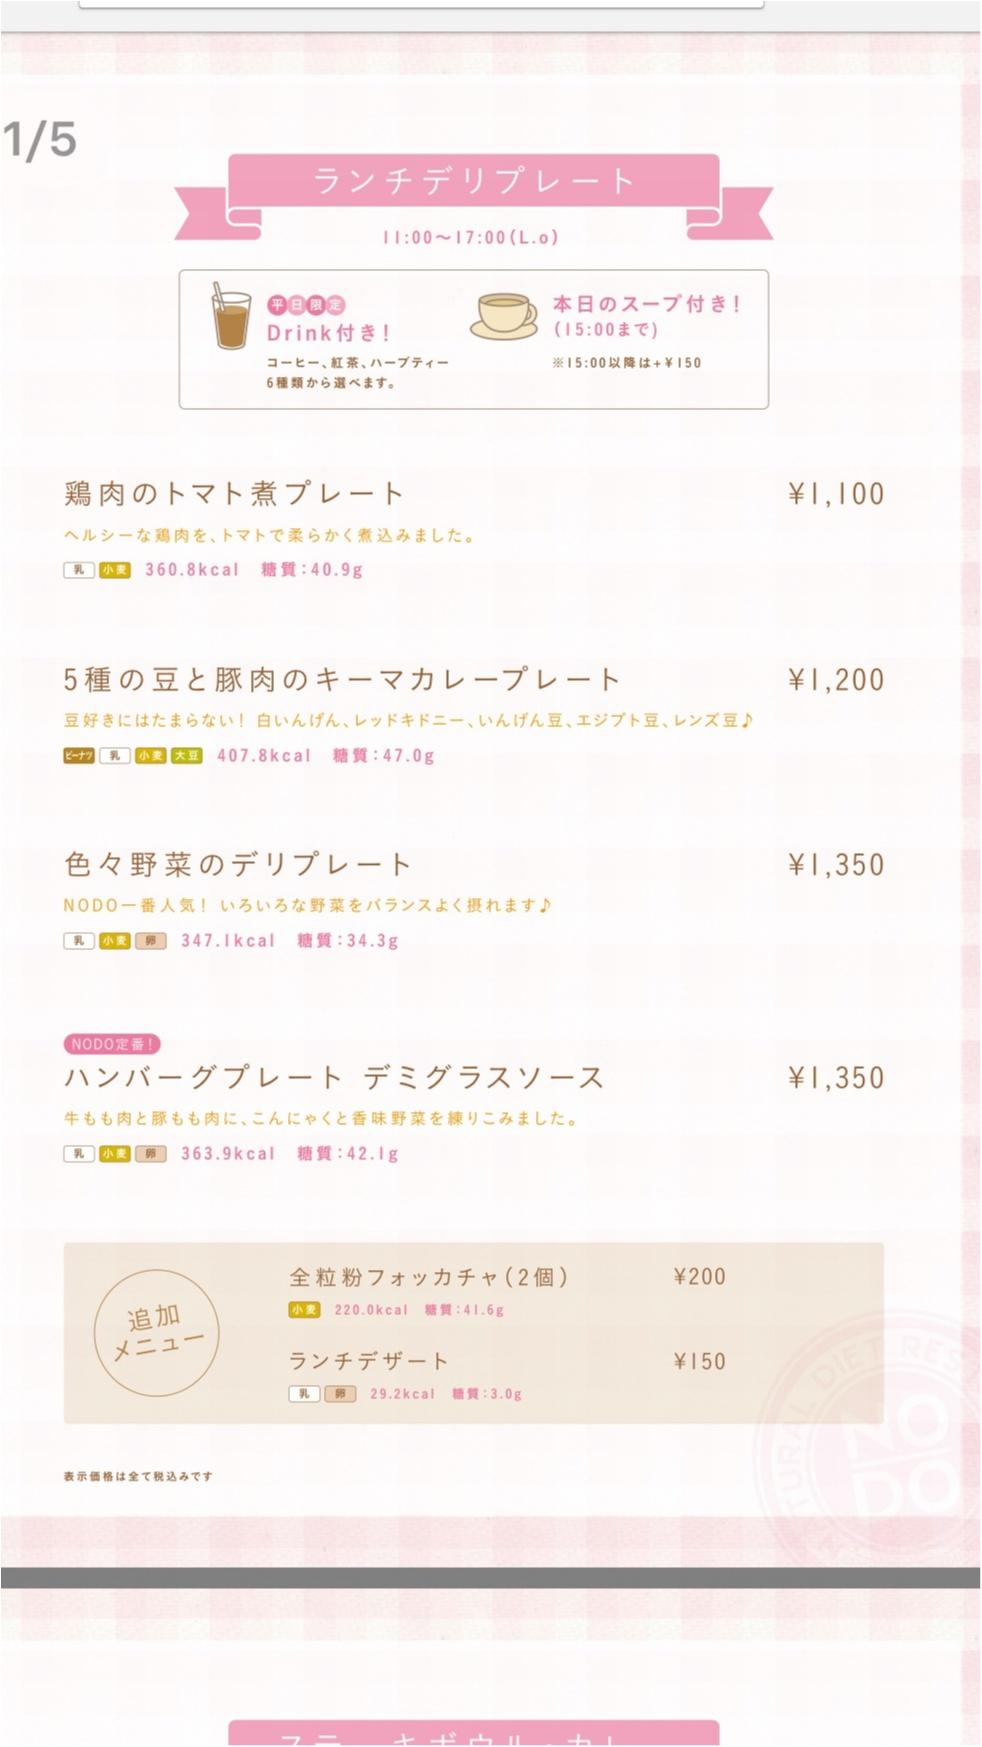 ♡ダイエッター必見!!【デザート付きフルコースが500kcal以下】糖質制限ダイエットレストランNODO♡モアハピ◡̈のぞみ♡_7